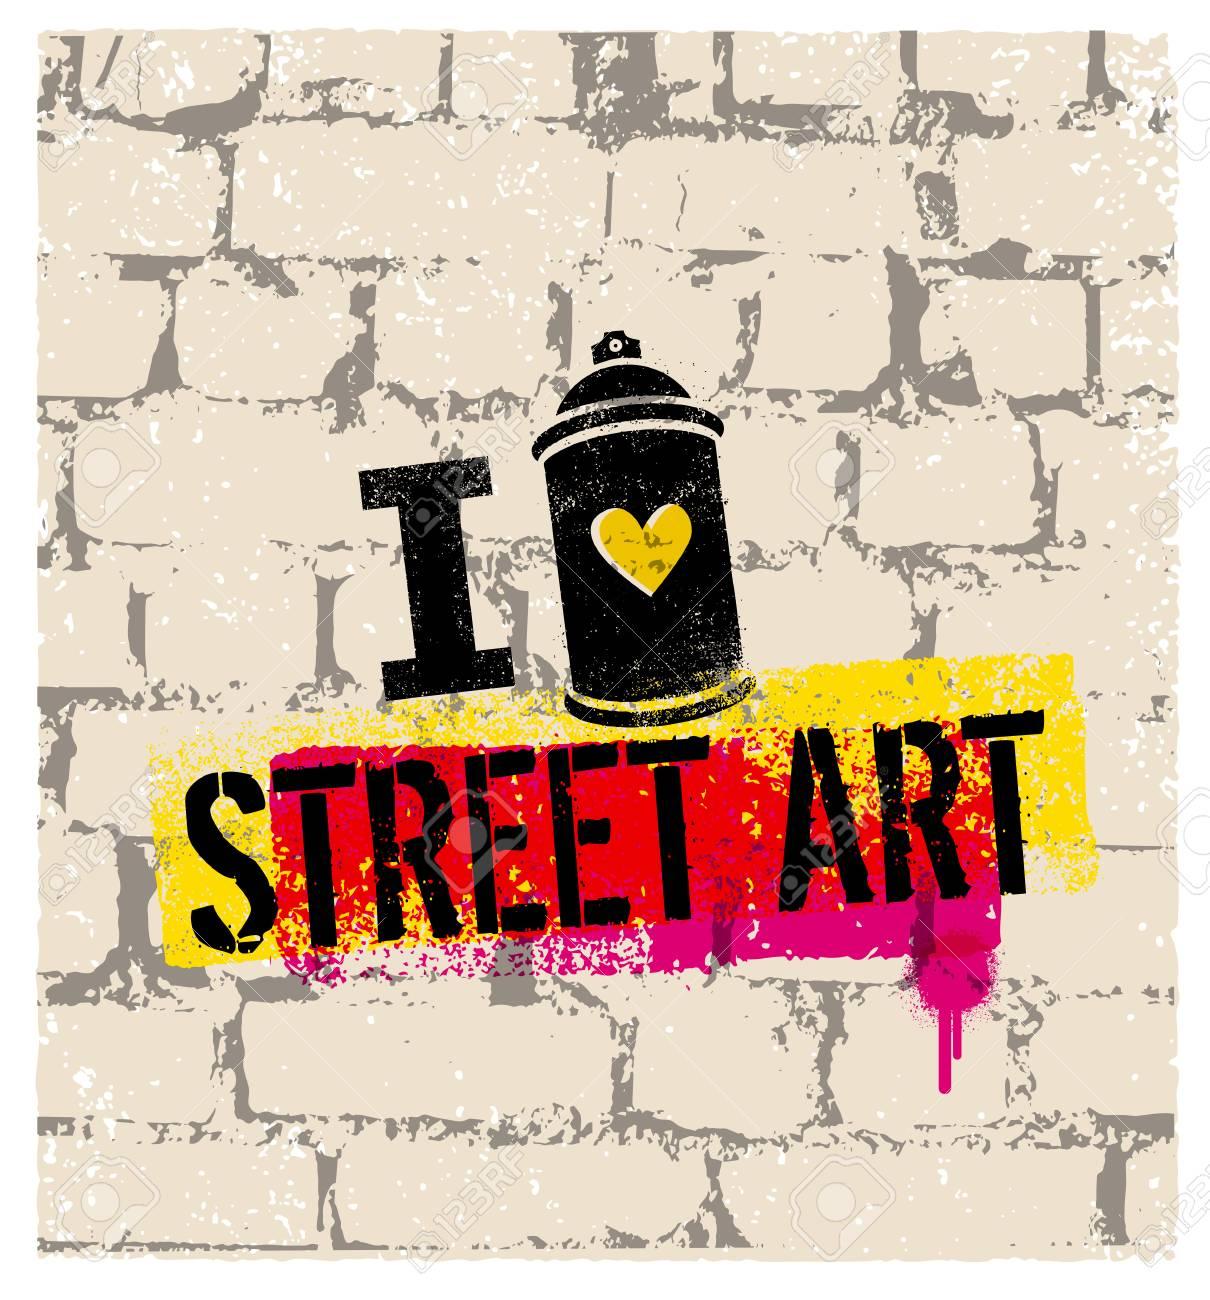 j'aime le concept d'affiche lumineuse vecteur street art créative